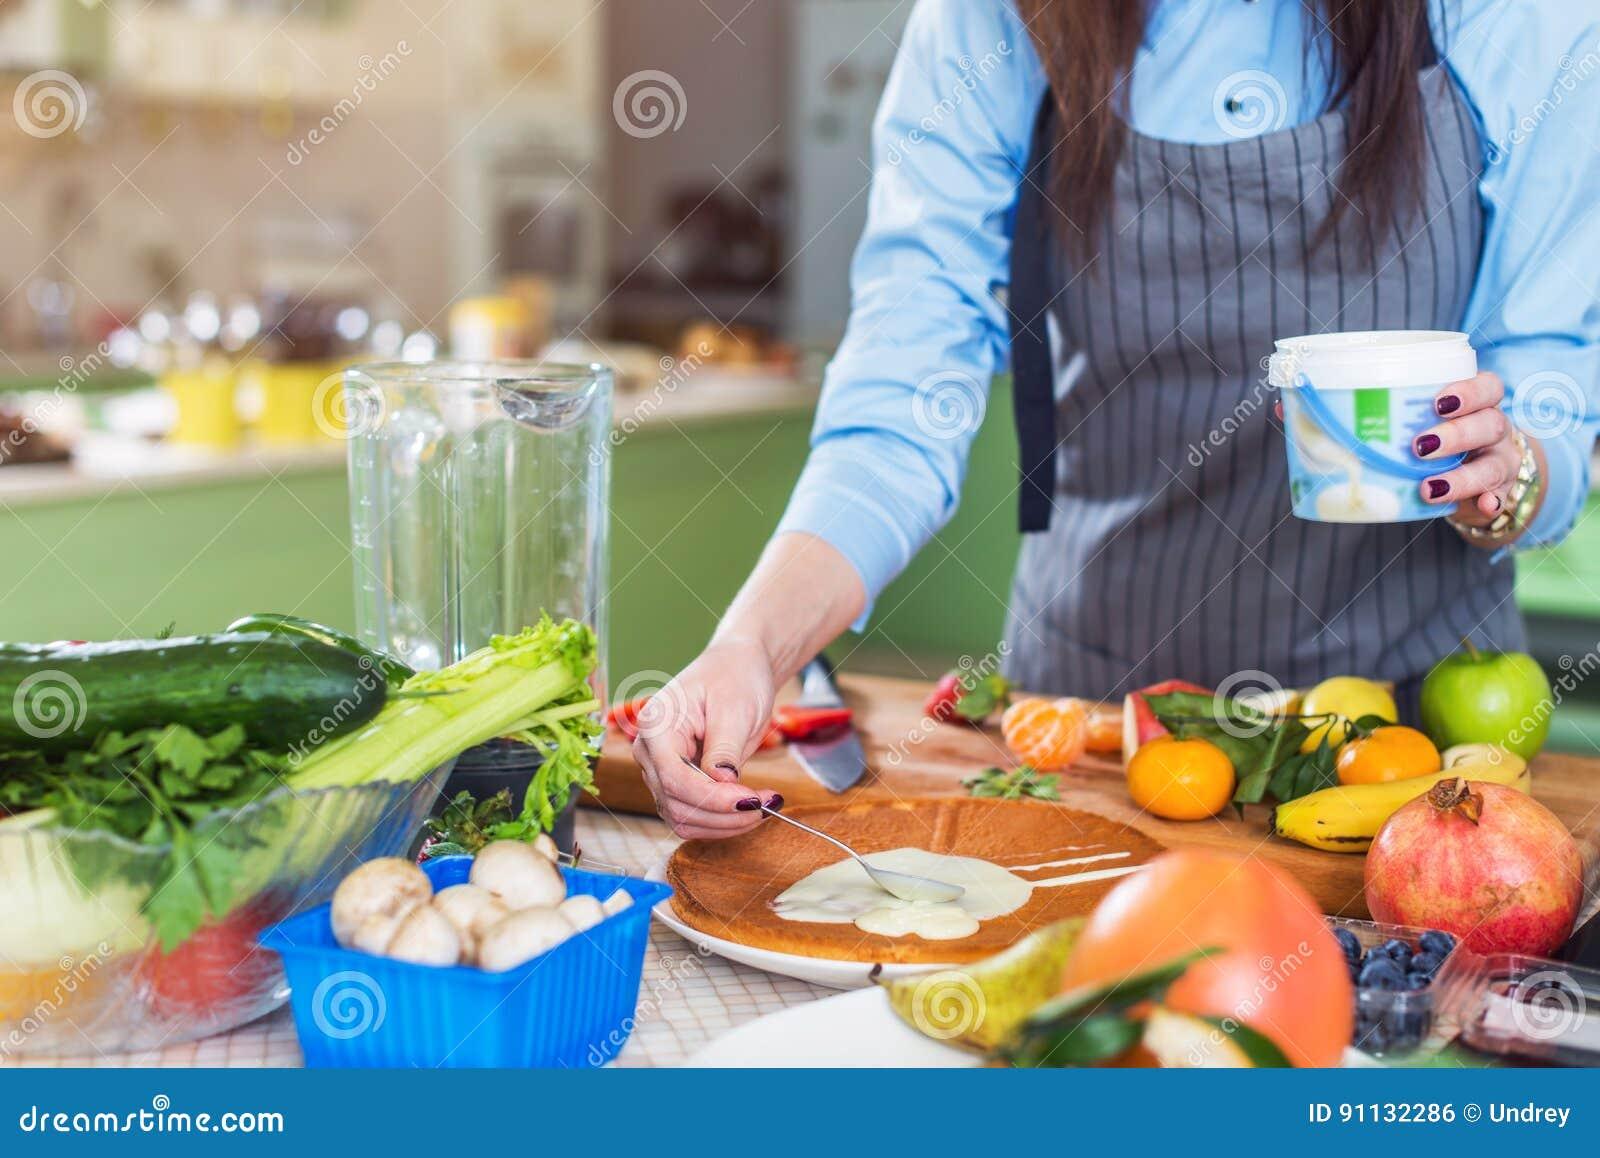 Ideia do close-up das mãos fêmeas que espalham o leite condensado na camada do bolo que está na cozinha